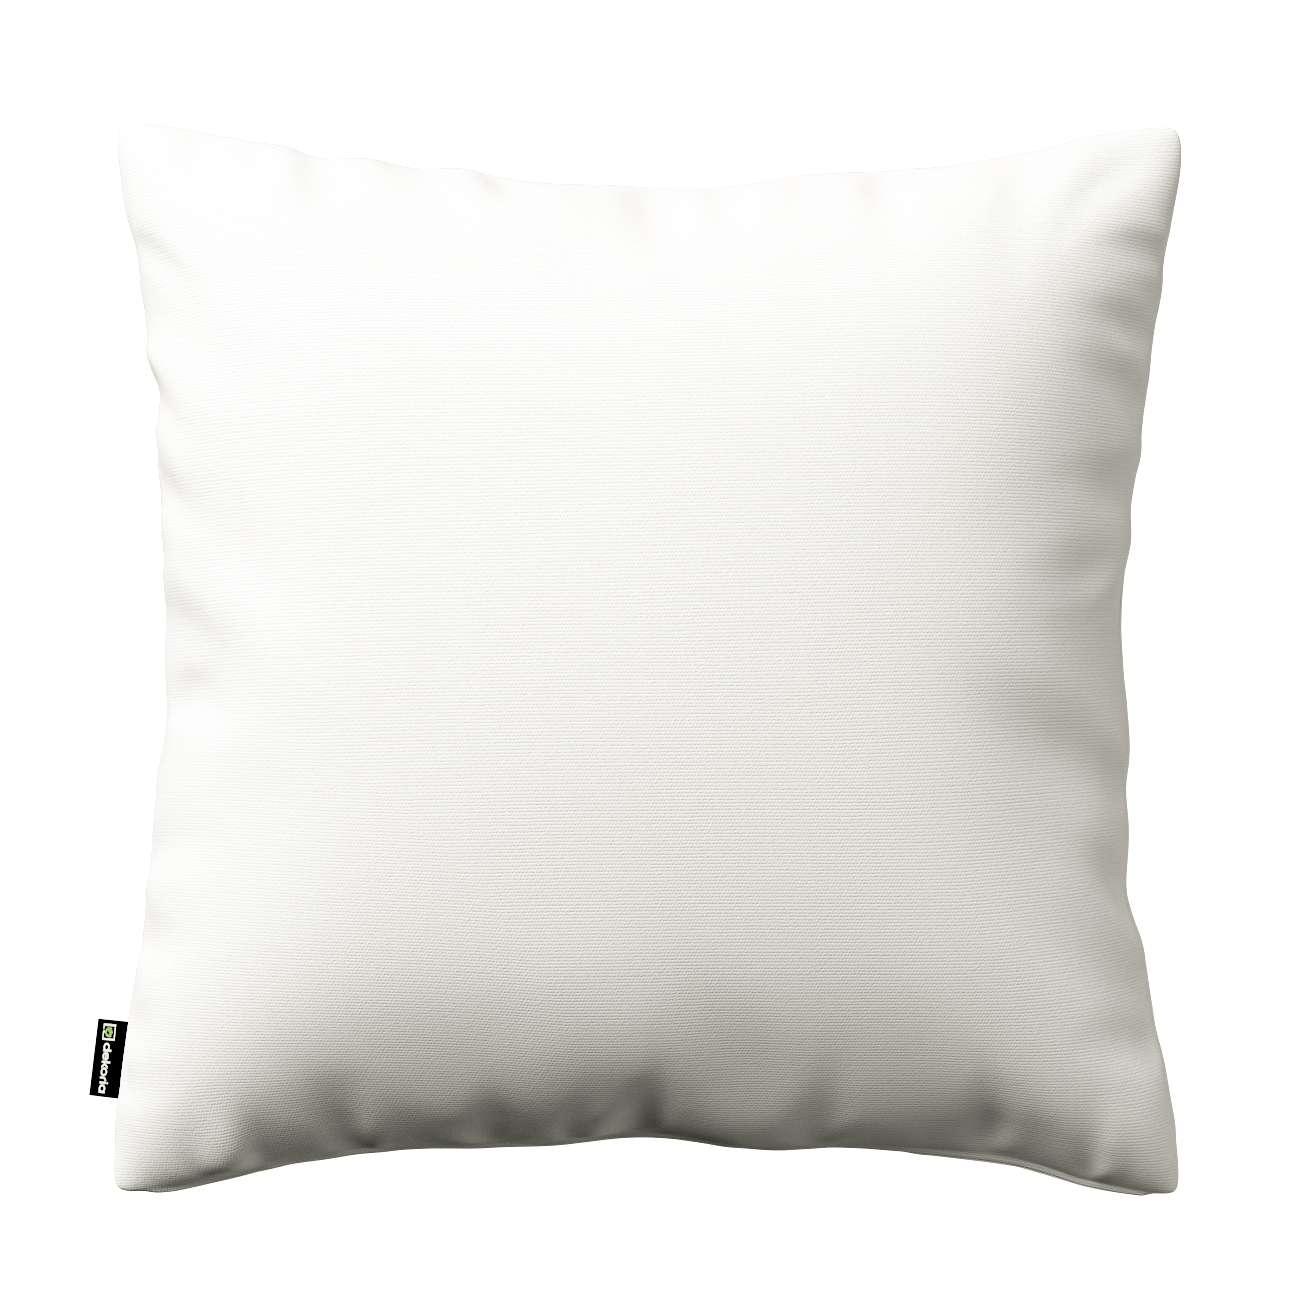 Karin - jednoduchá obliečka V kolekcii Cotton Panama, tkanina: 702-34